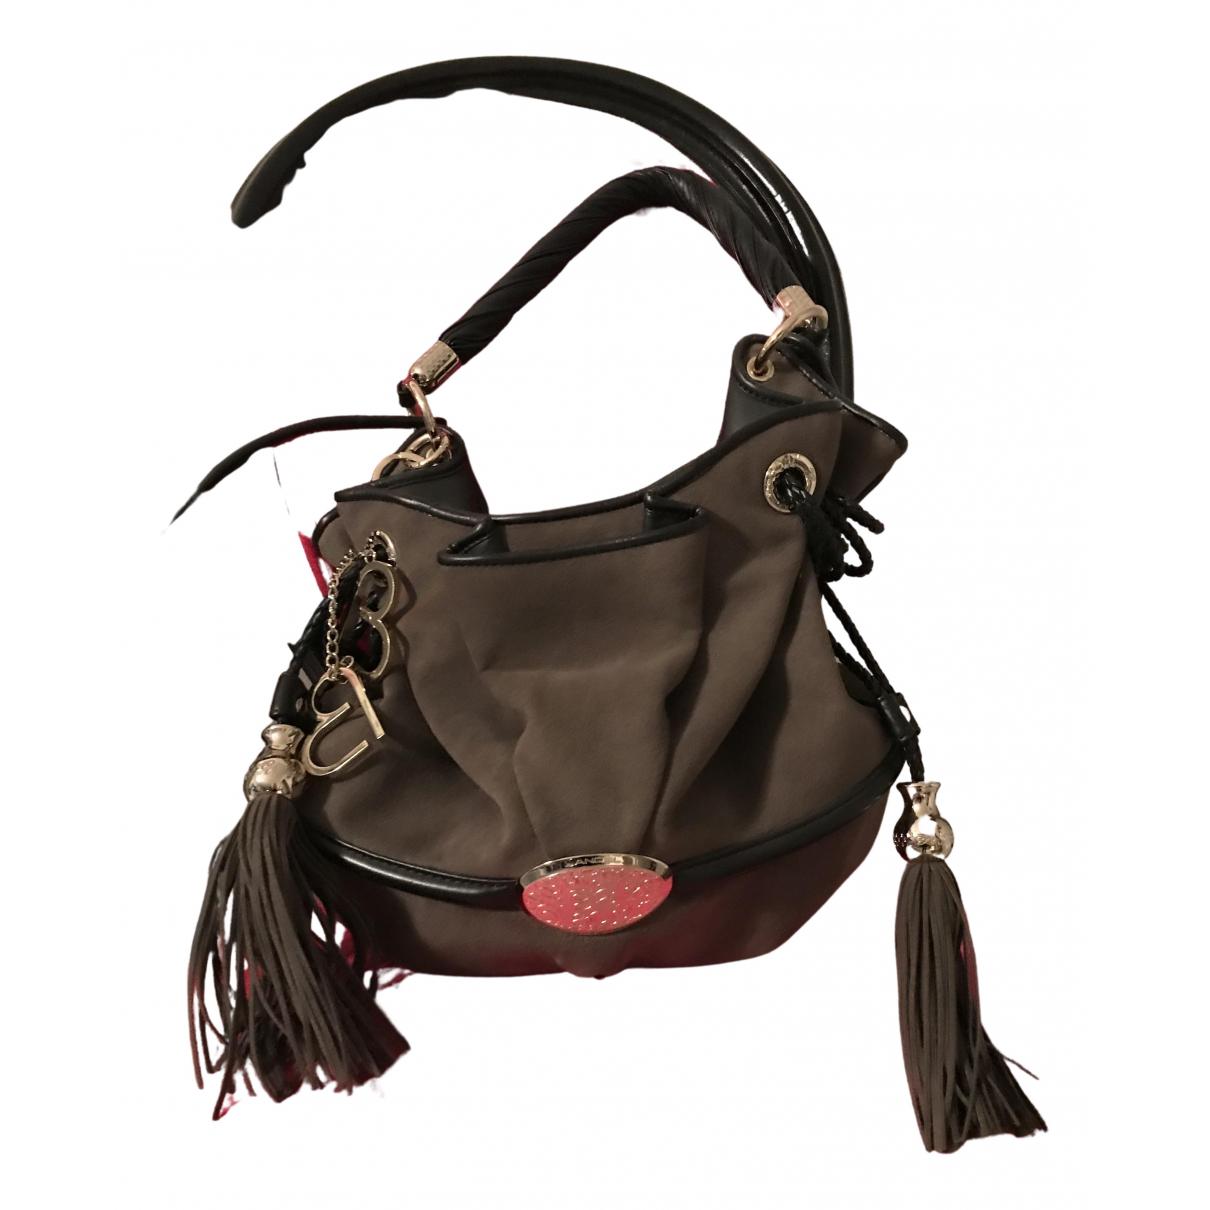 Lancel Brigitte Bardot Handtasche in Samt